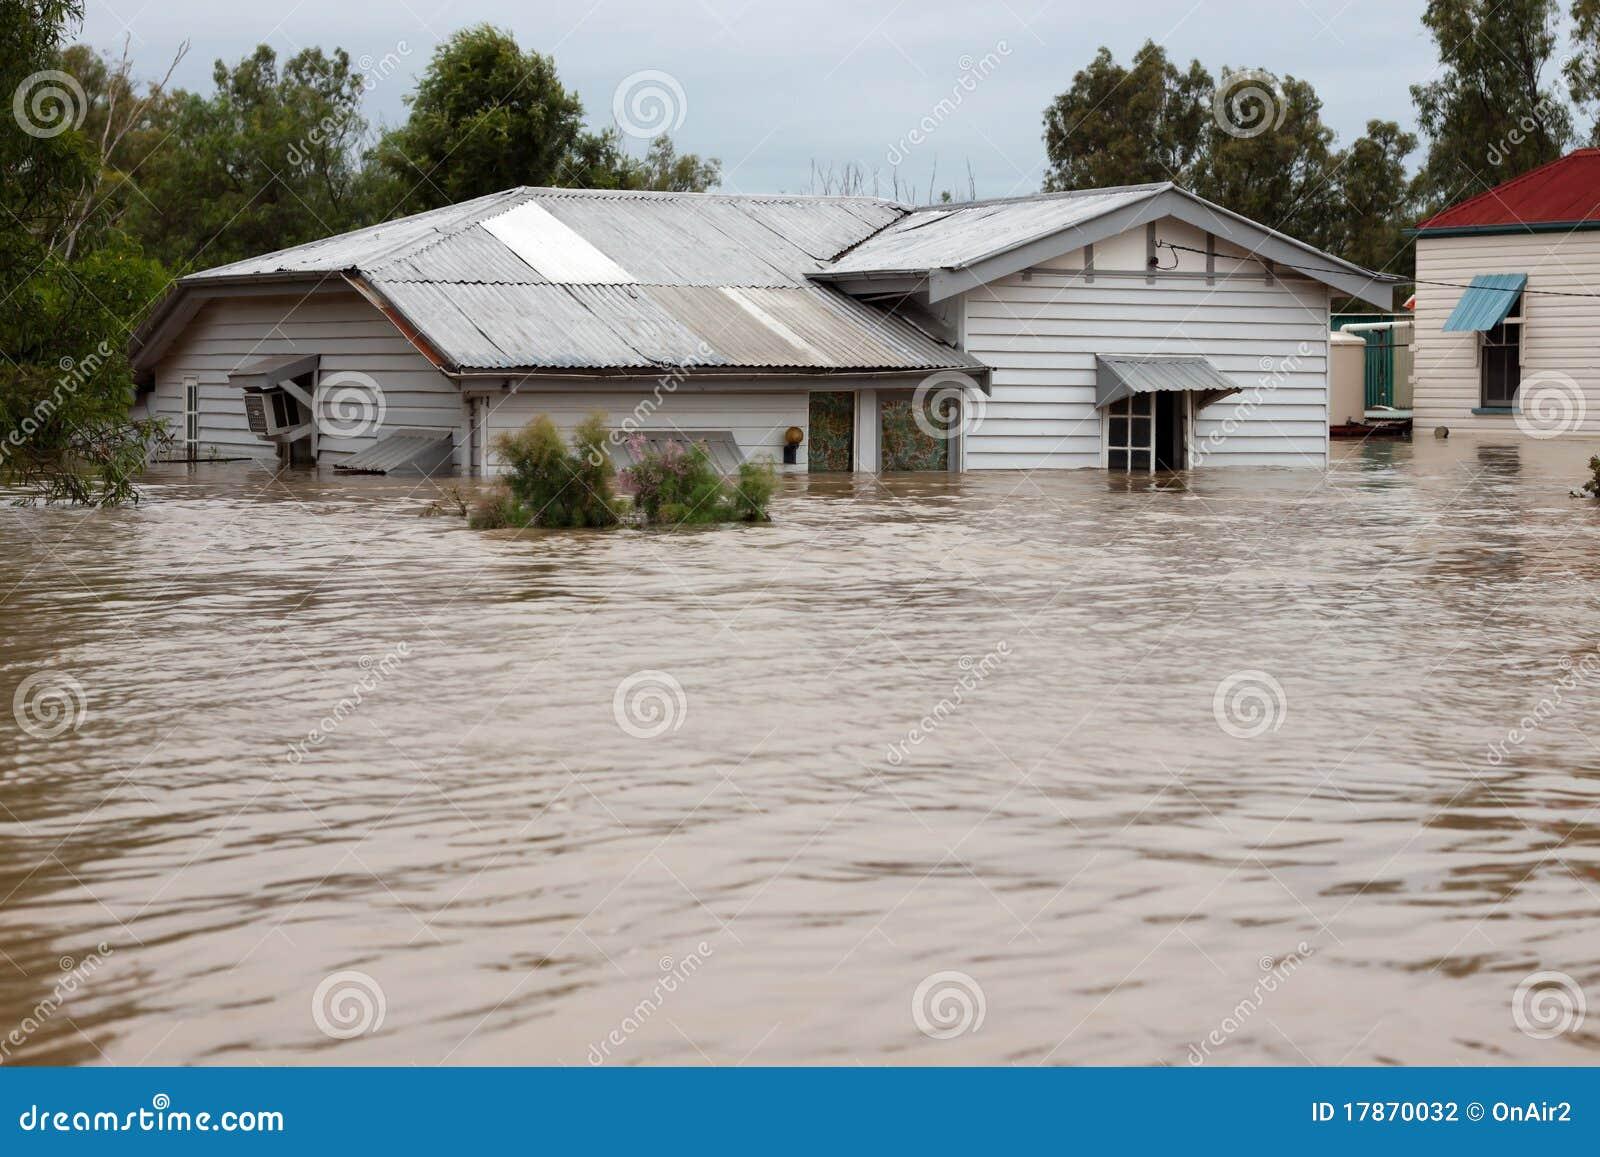 Chambre d 39 assurance contre l 39 inondation photographie stock for Chambre de l assurance de dommage